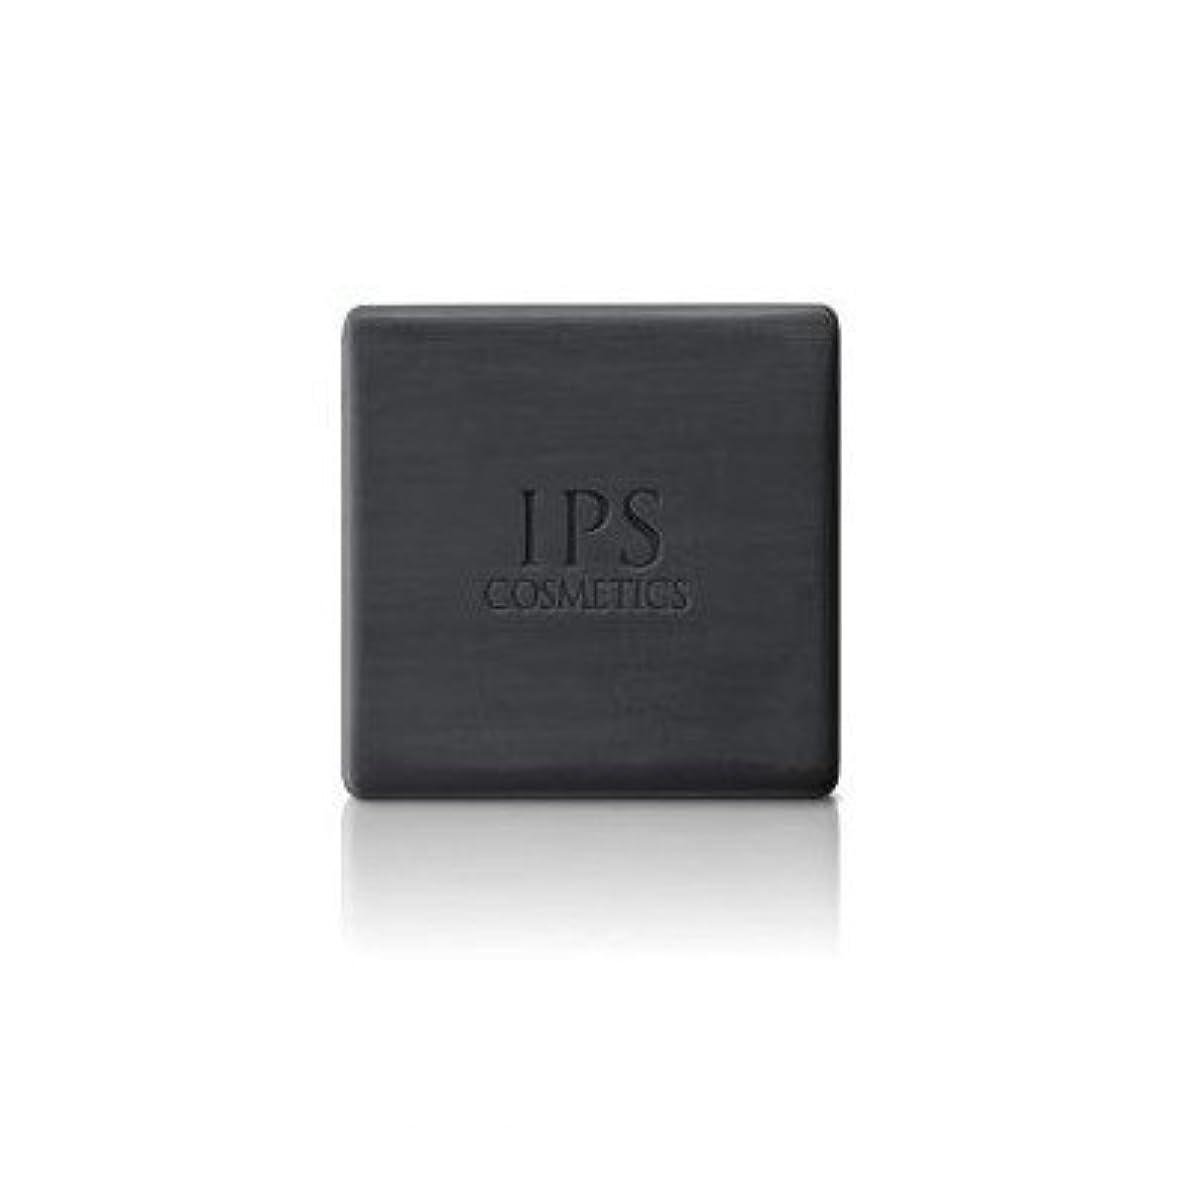 不十分ステージ協同IPS コンディショニングバー 洗顔石鹸 120g